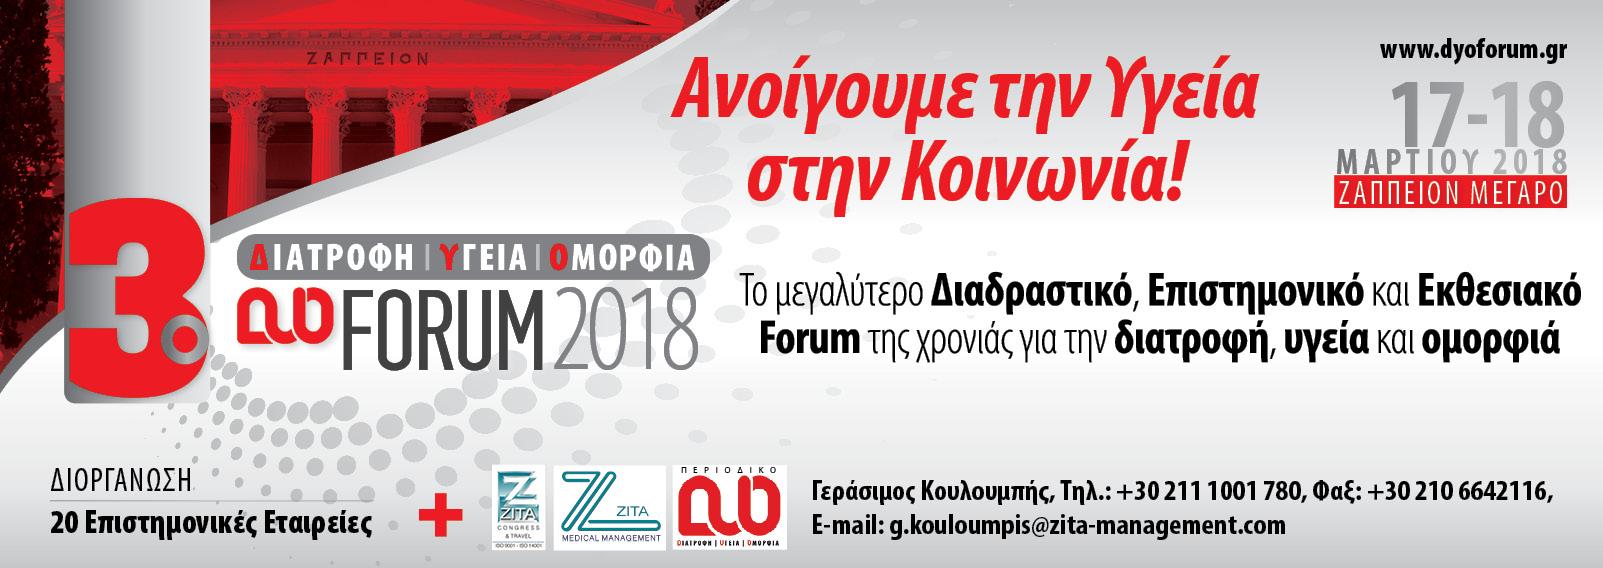 ΔΥΟ FORUM (Ζάππειο Μέγαρο, 17 & 18/3/2018)